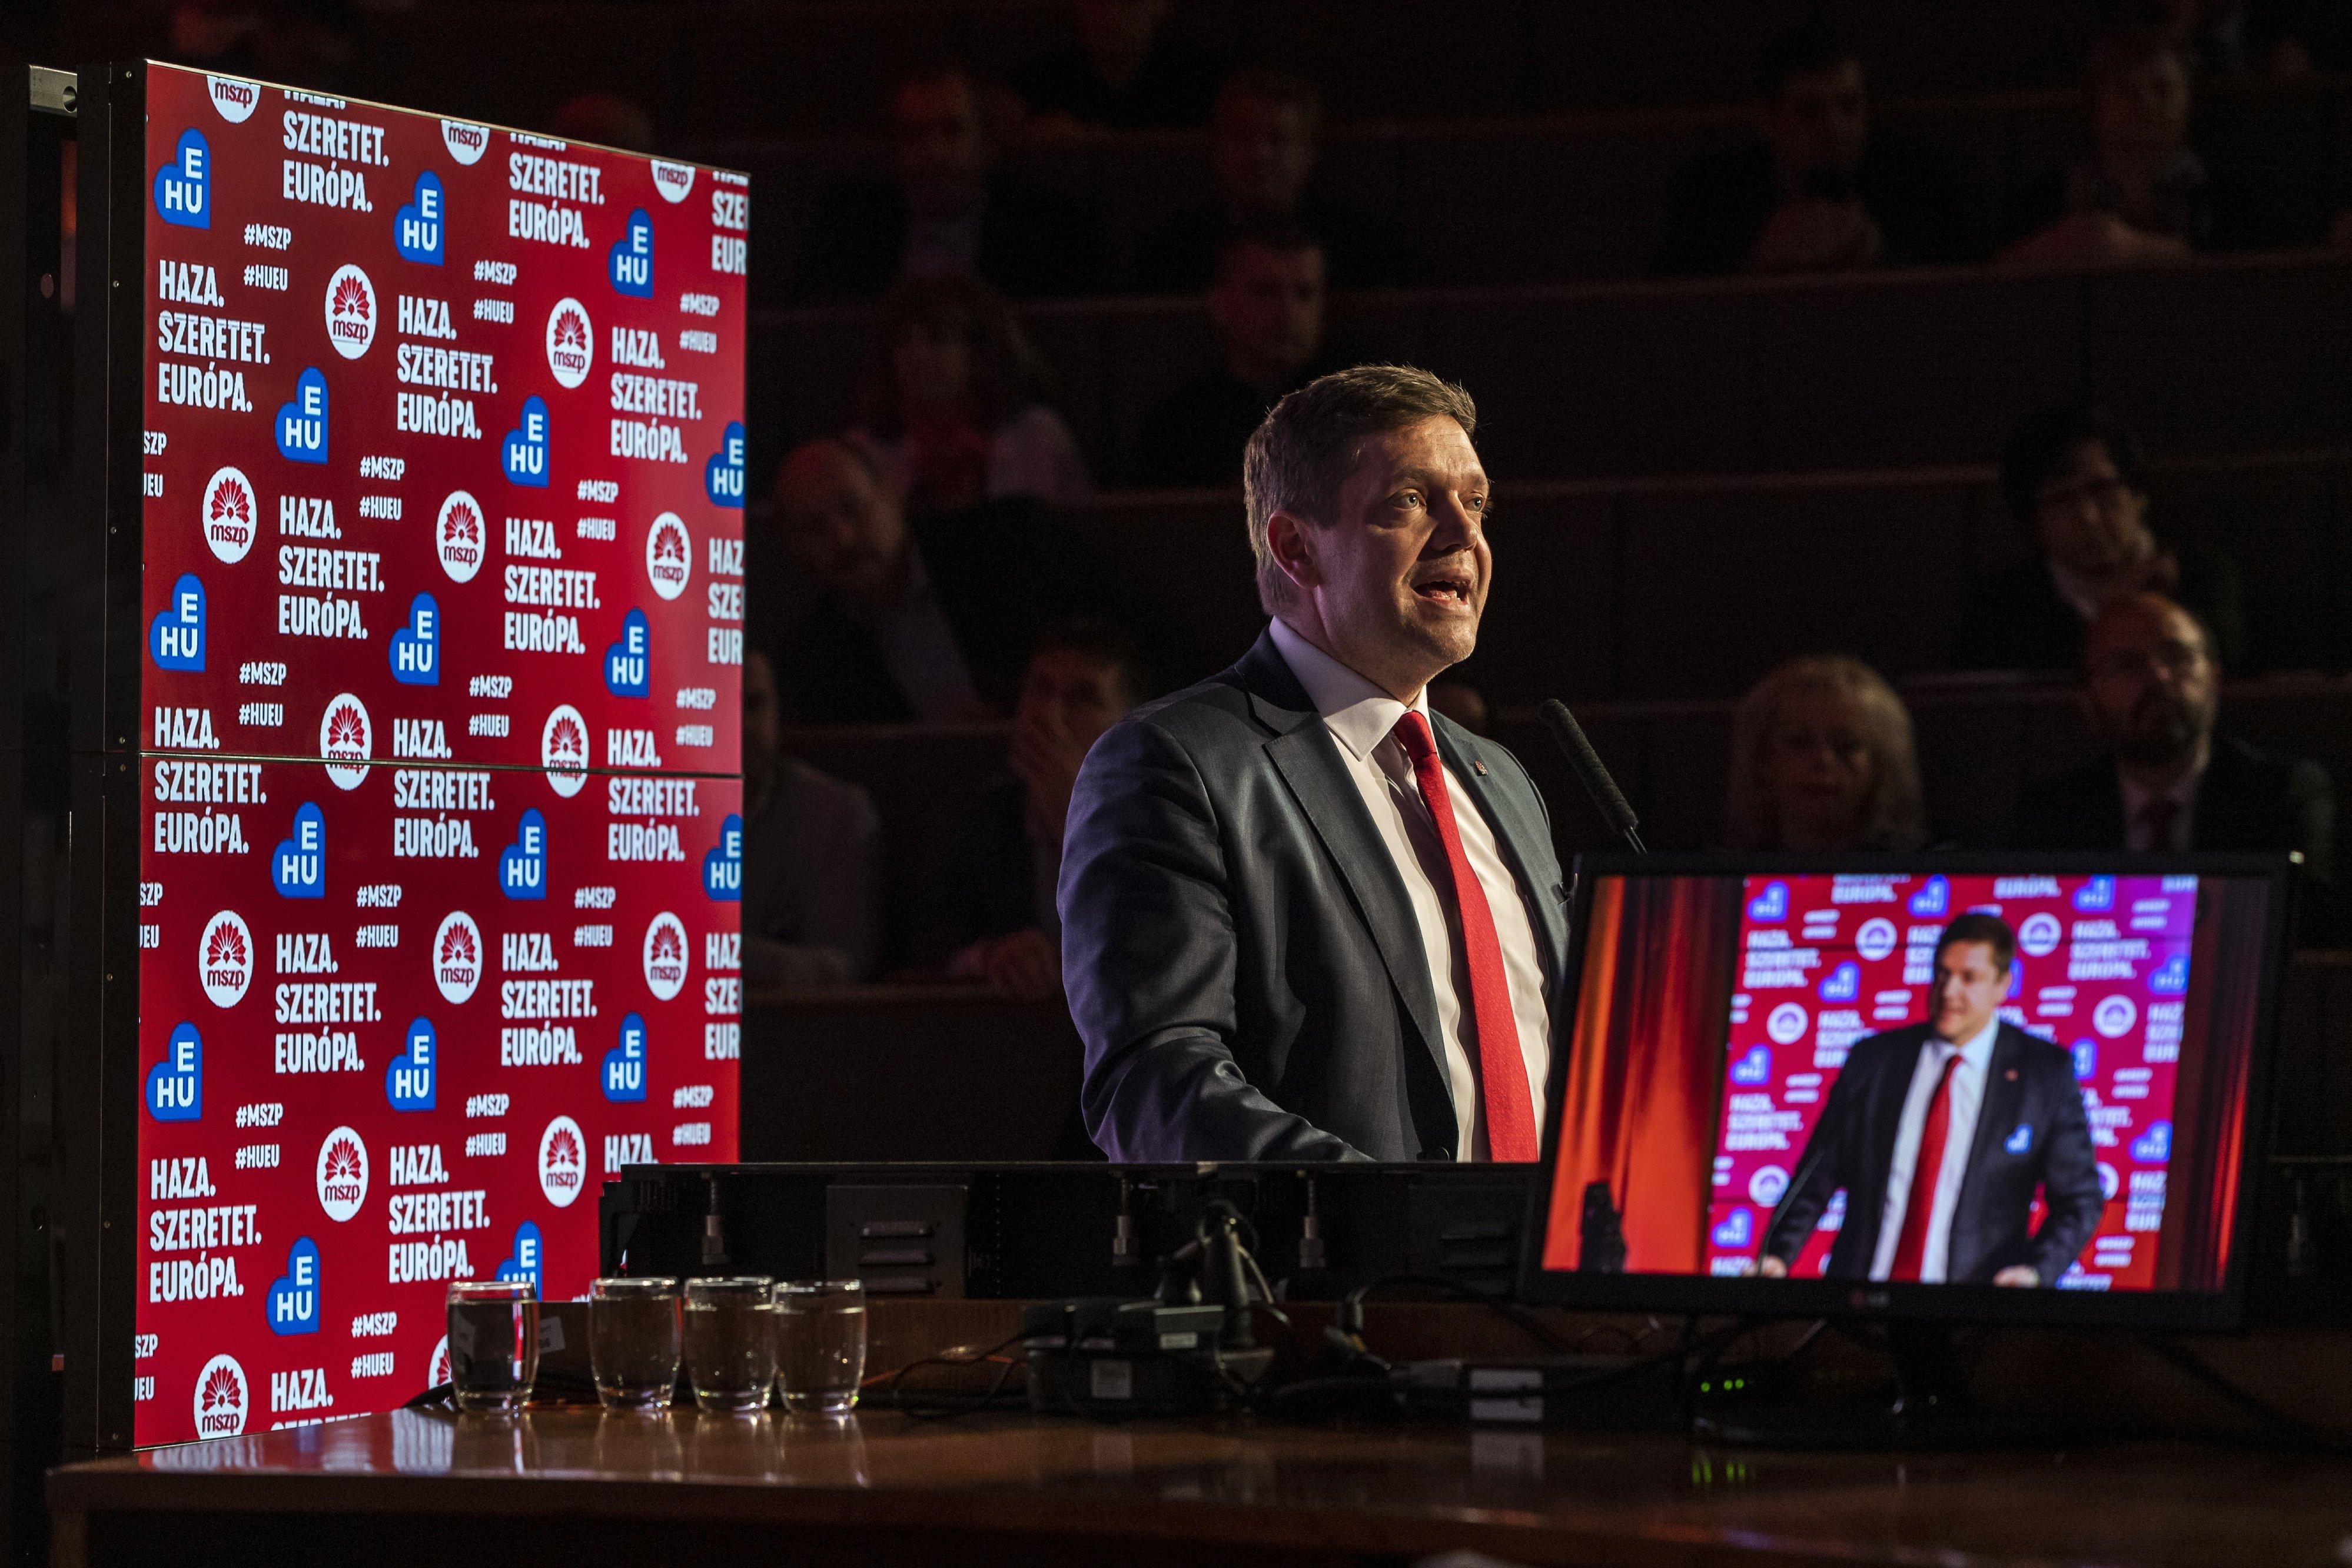 Nem adták ki a választói névjegyzéket az MSZP elnökének, hiába fizette ki az árát